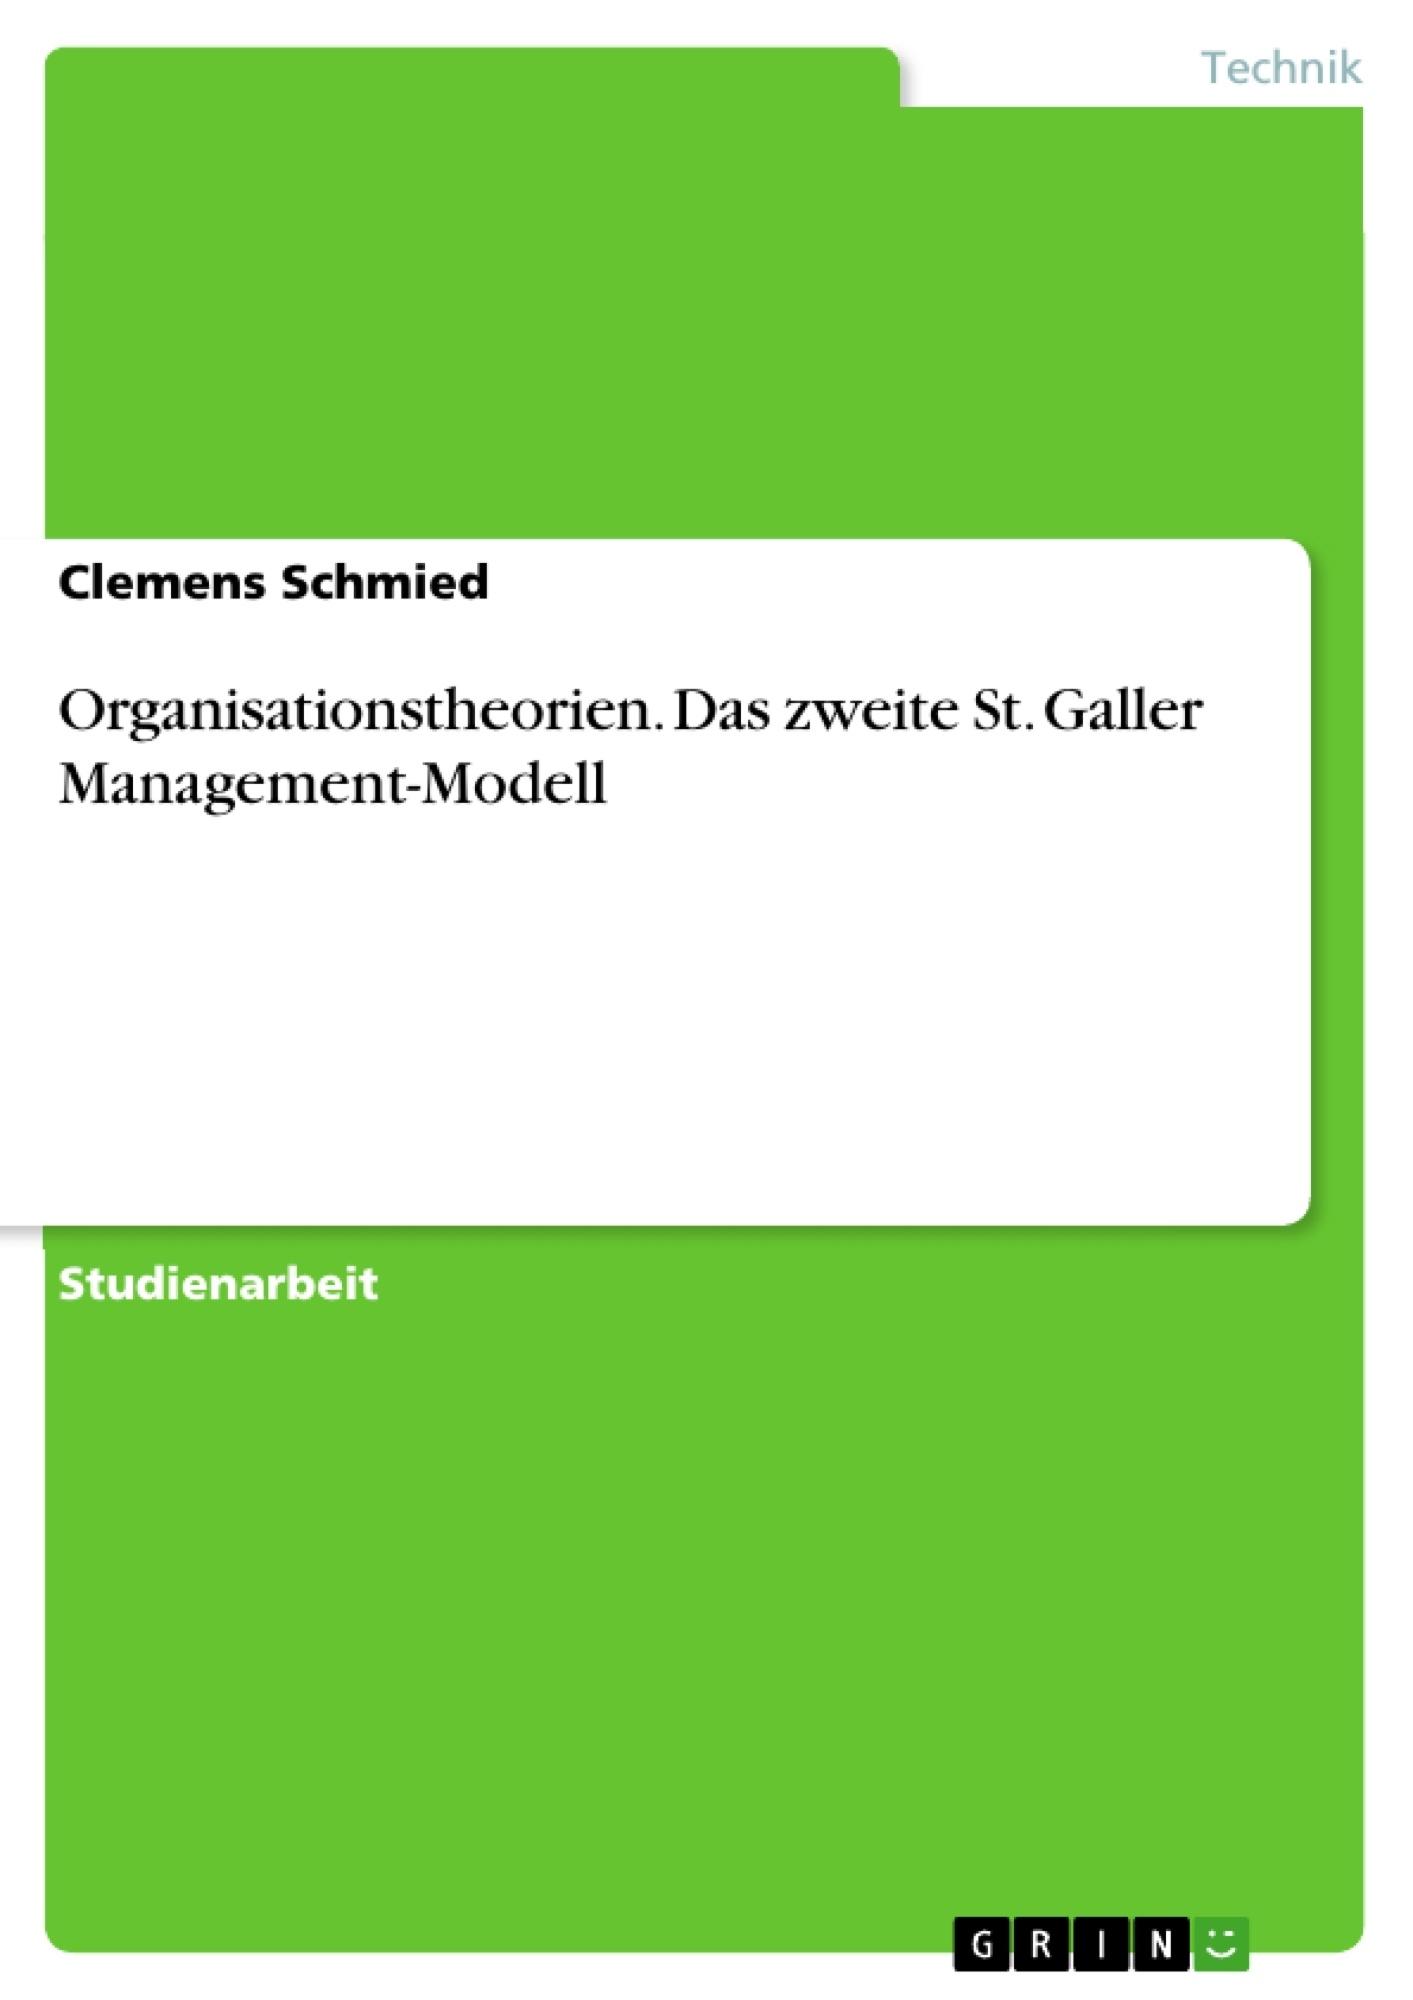 Titel: Organisationstheorien. Das zweite St. Galler Management-Modell